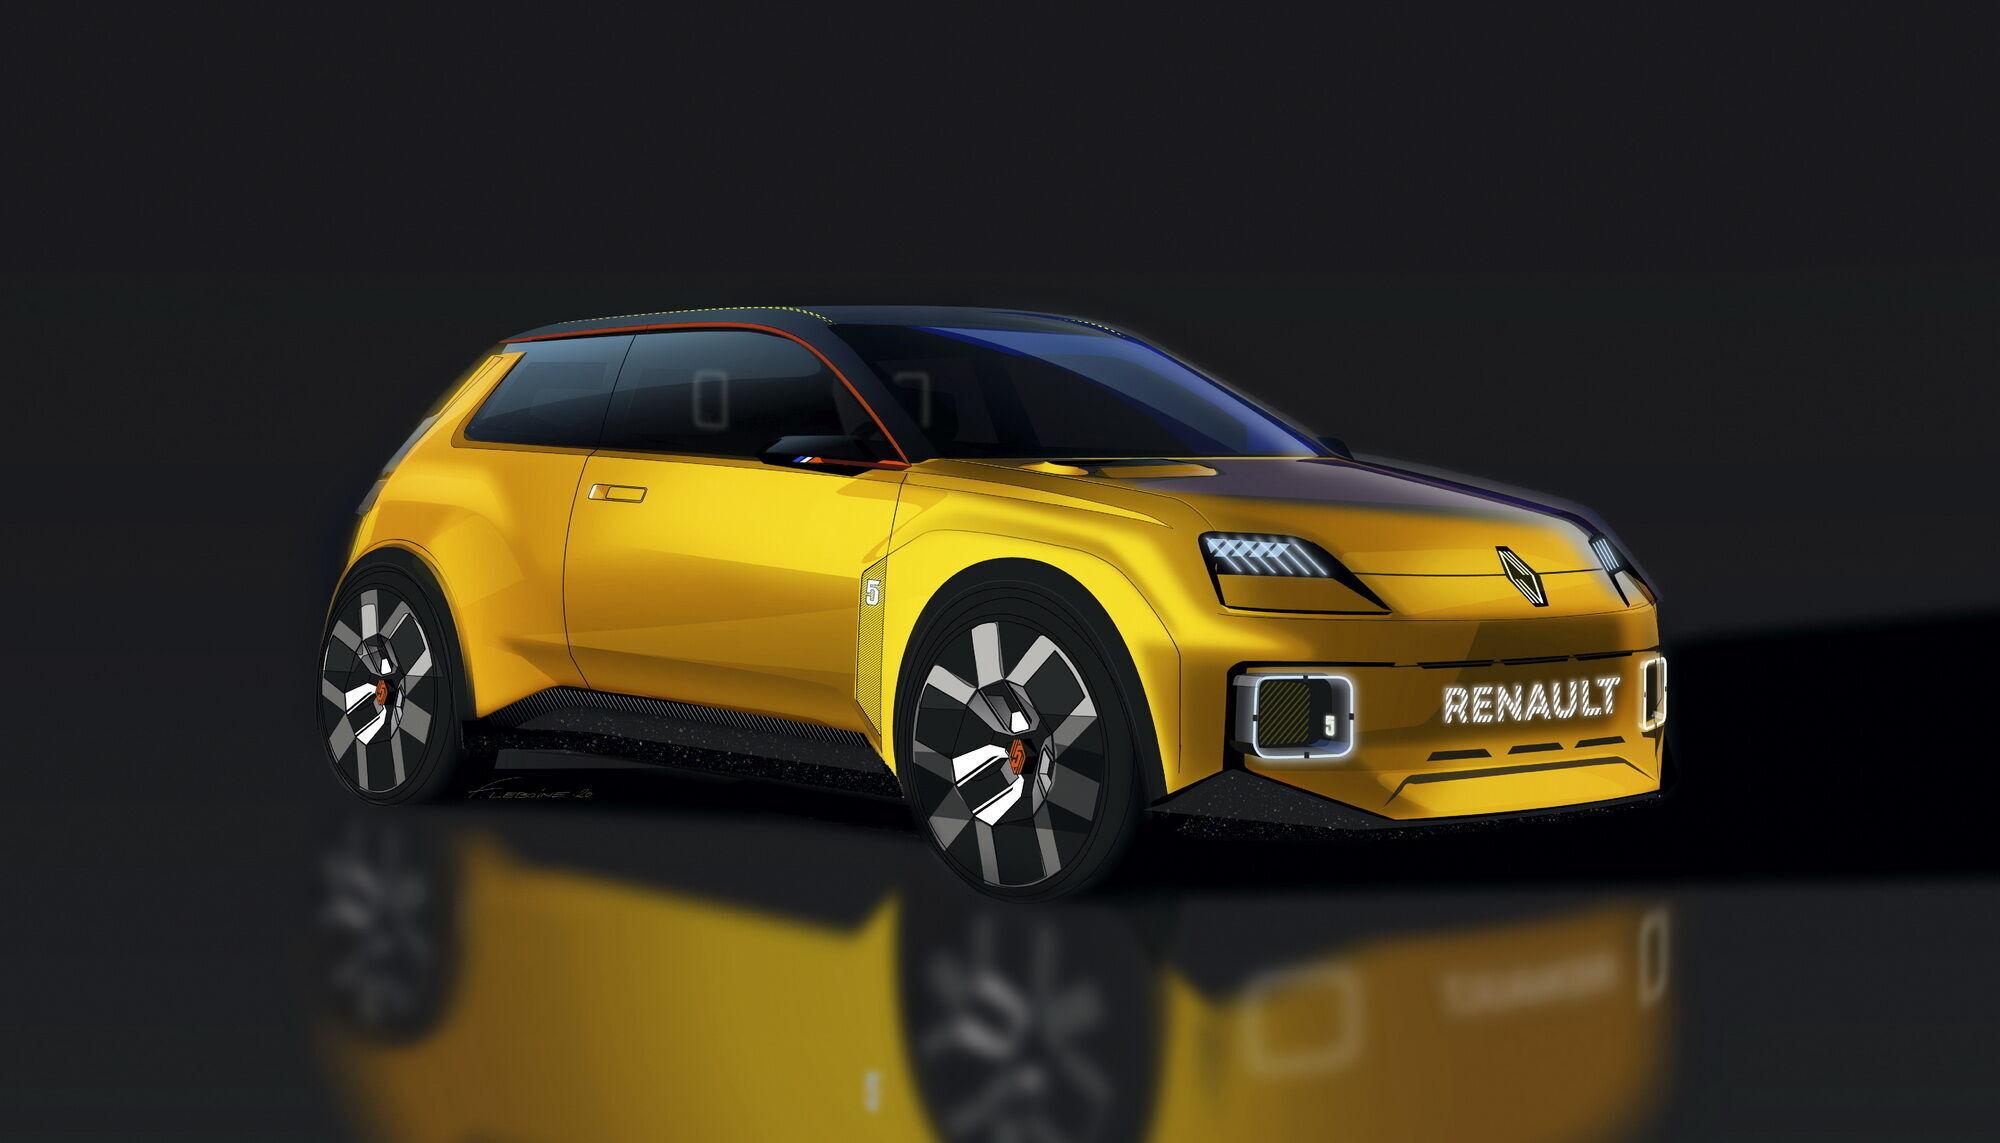 Renault 5 Prototype создан командой под руководством Жиля Видаля